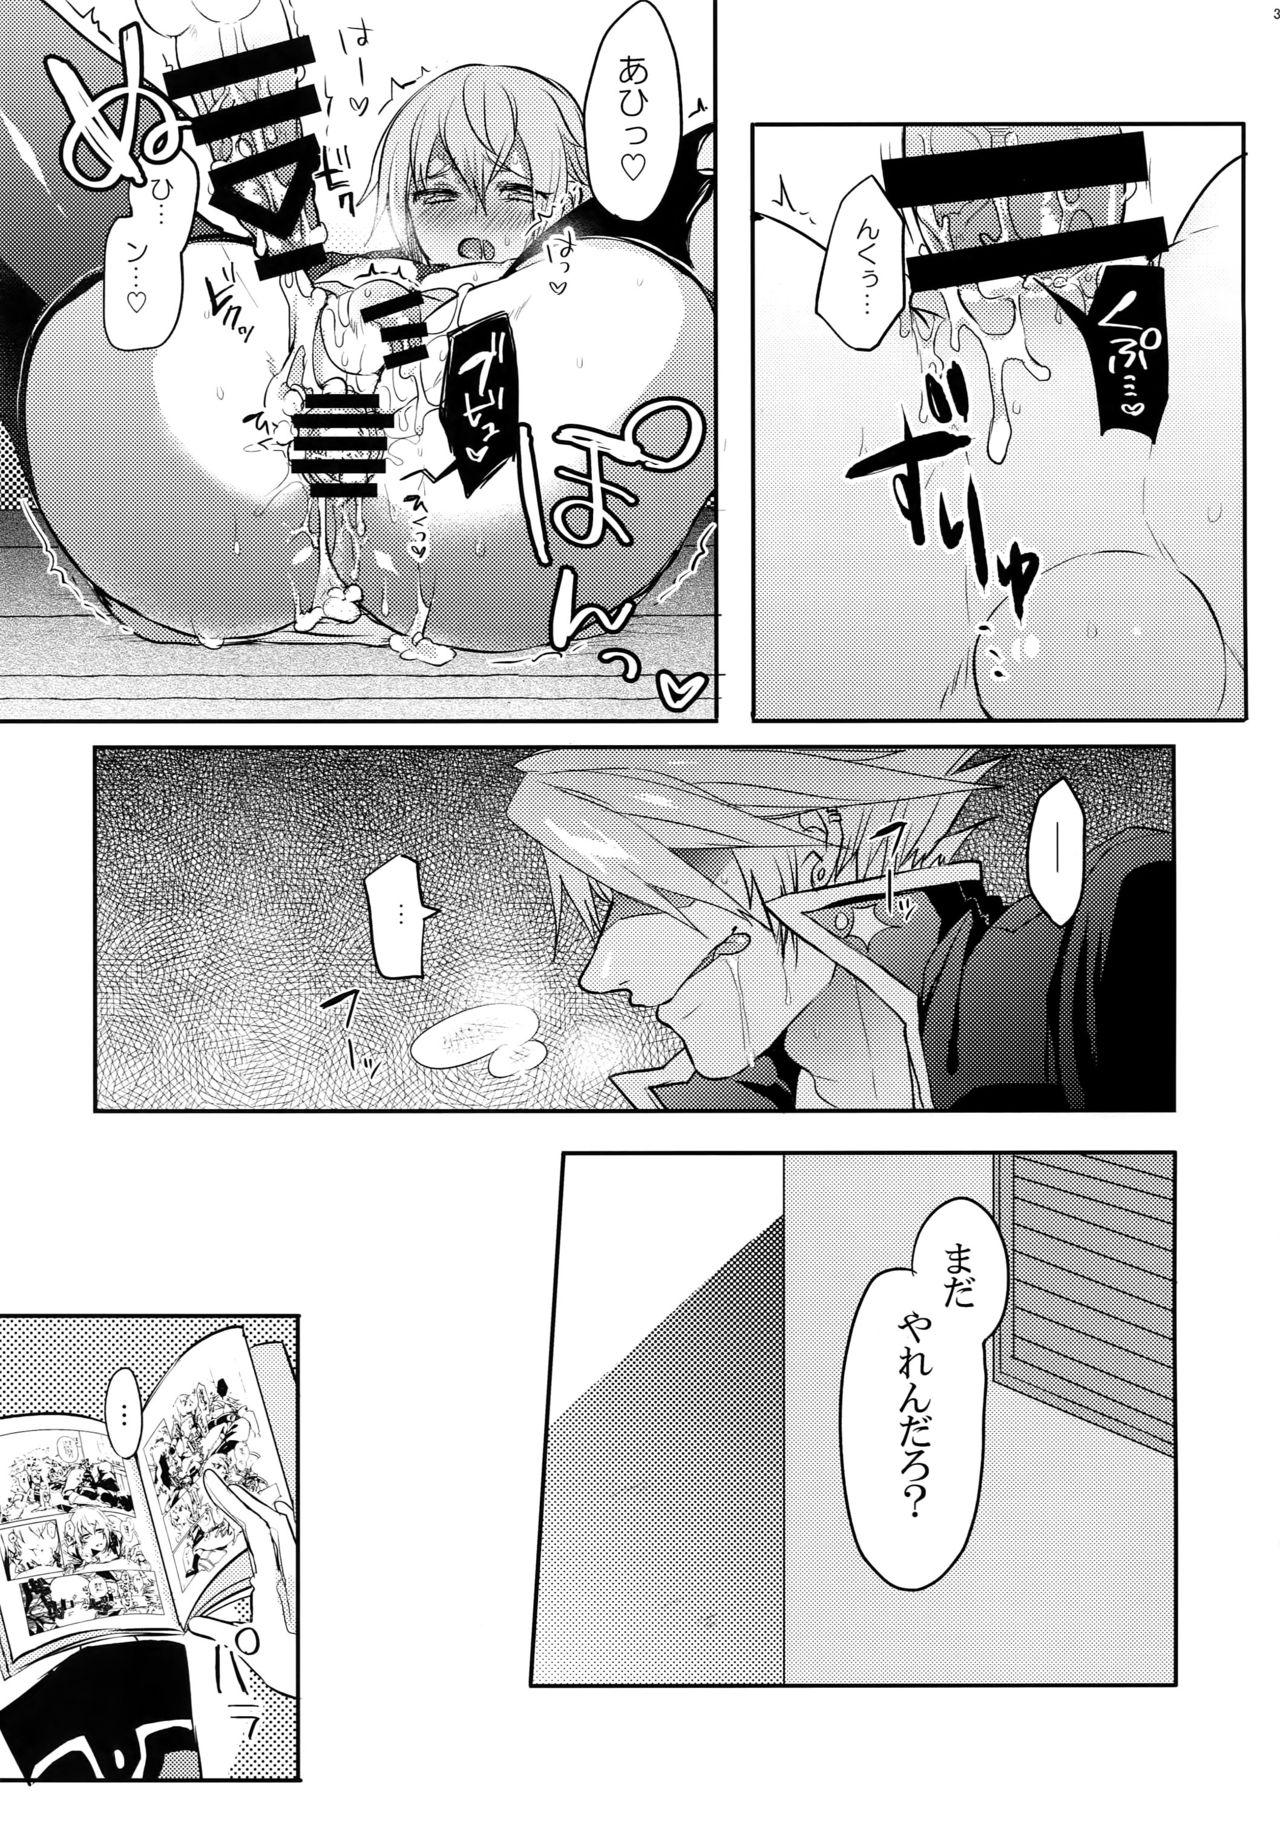 Toaru Eishi no Mousou Nisshi 39